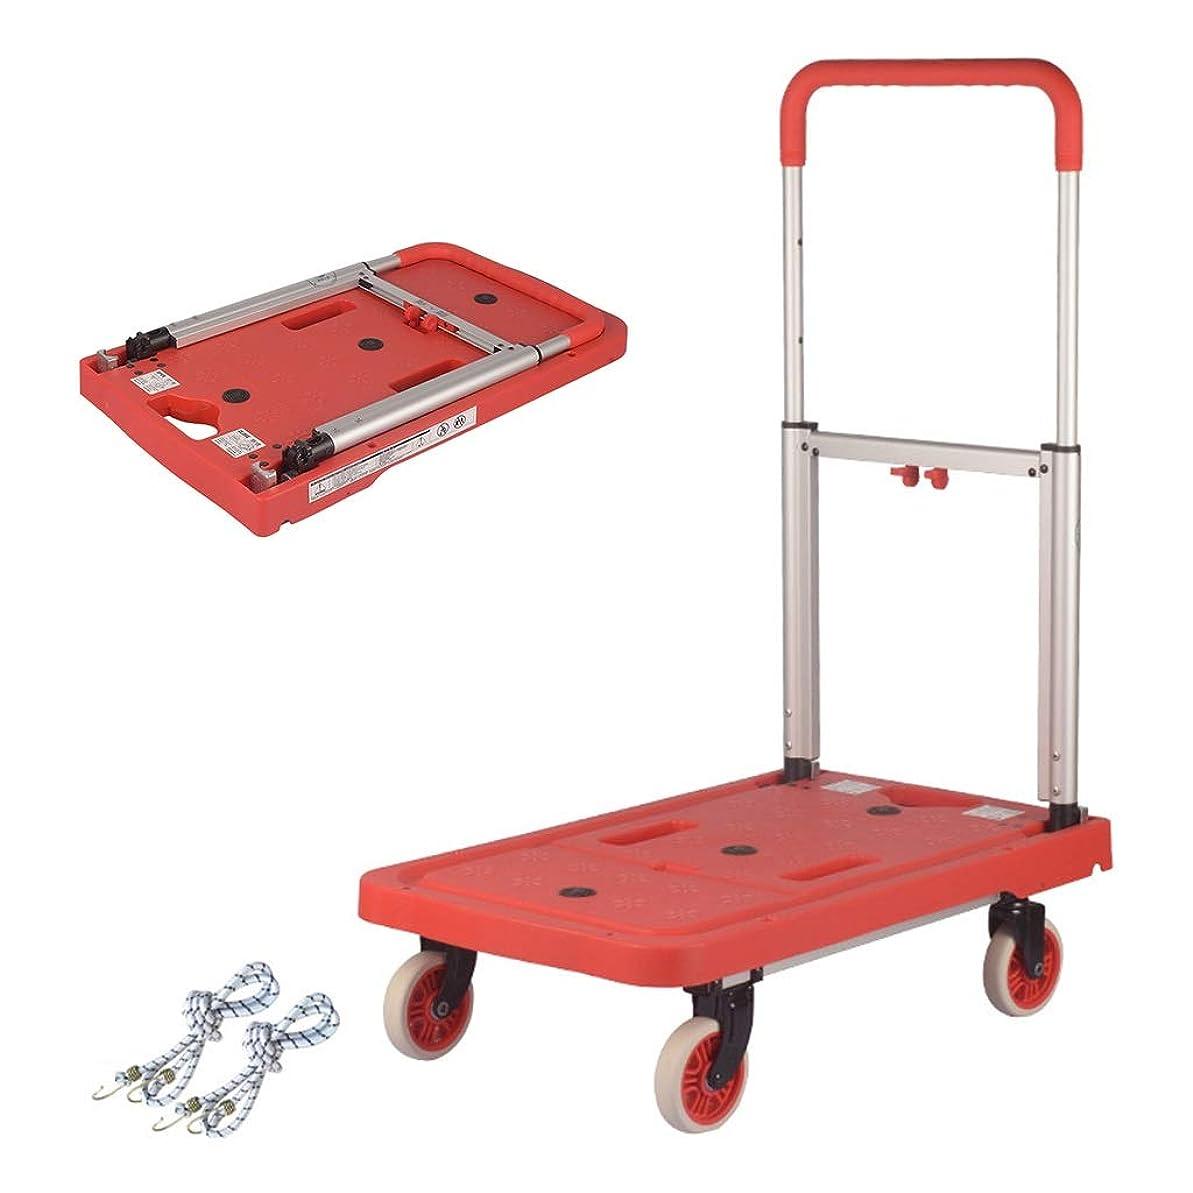 亡命フォーマル体系的に4つの車輪および望遠鏡のハンドルが付いている折るプラットホームのトラック手のカートの折り畳み式のドリーカート、食料品のための頑丈な荷物のカートの買物車330ポンド容量 (色 : 赤)